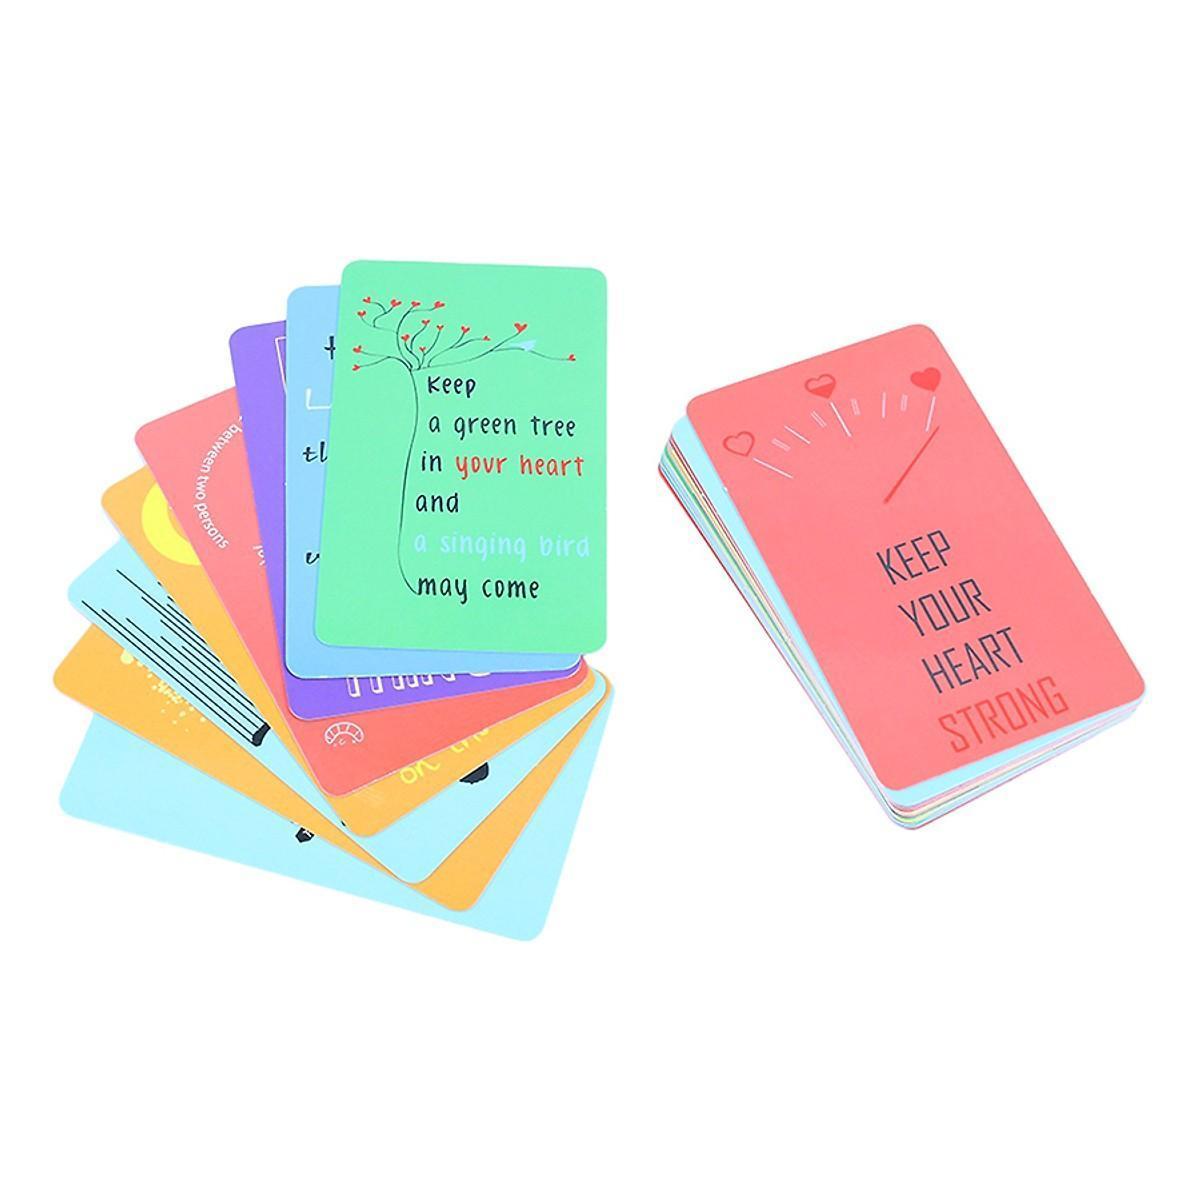 Combo 2 Cuốn Sách Kỹ Năng Hay: Tôi Tài Giỏi - Bạn Cũng Thế (Tái Bản 2019 ) + Giá Như Tôi Biết Những Điều Này Trước Khi Thi Đại Học (Tái Bản 2019) / Bộ Những Cuốn Sách Kỹ Năng Làm Việc - Kỹ Năng Sống Hay Nhất (Tặng Bookmark Happy Life